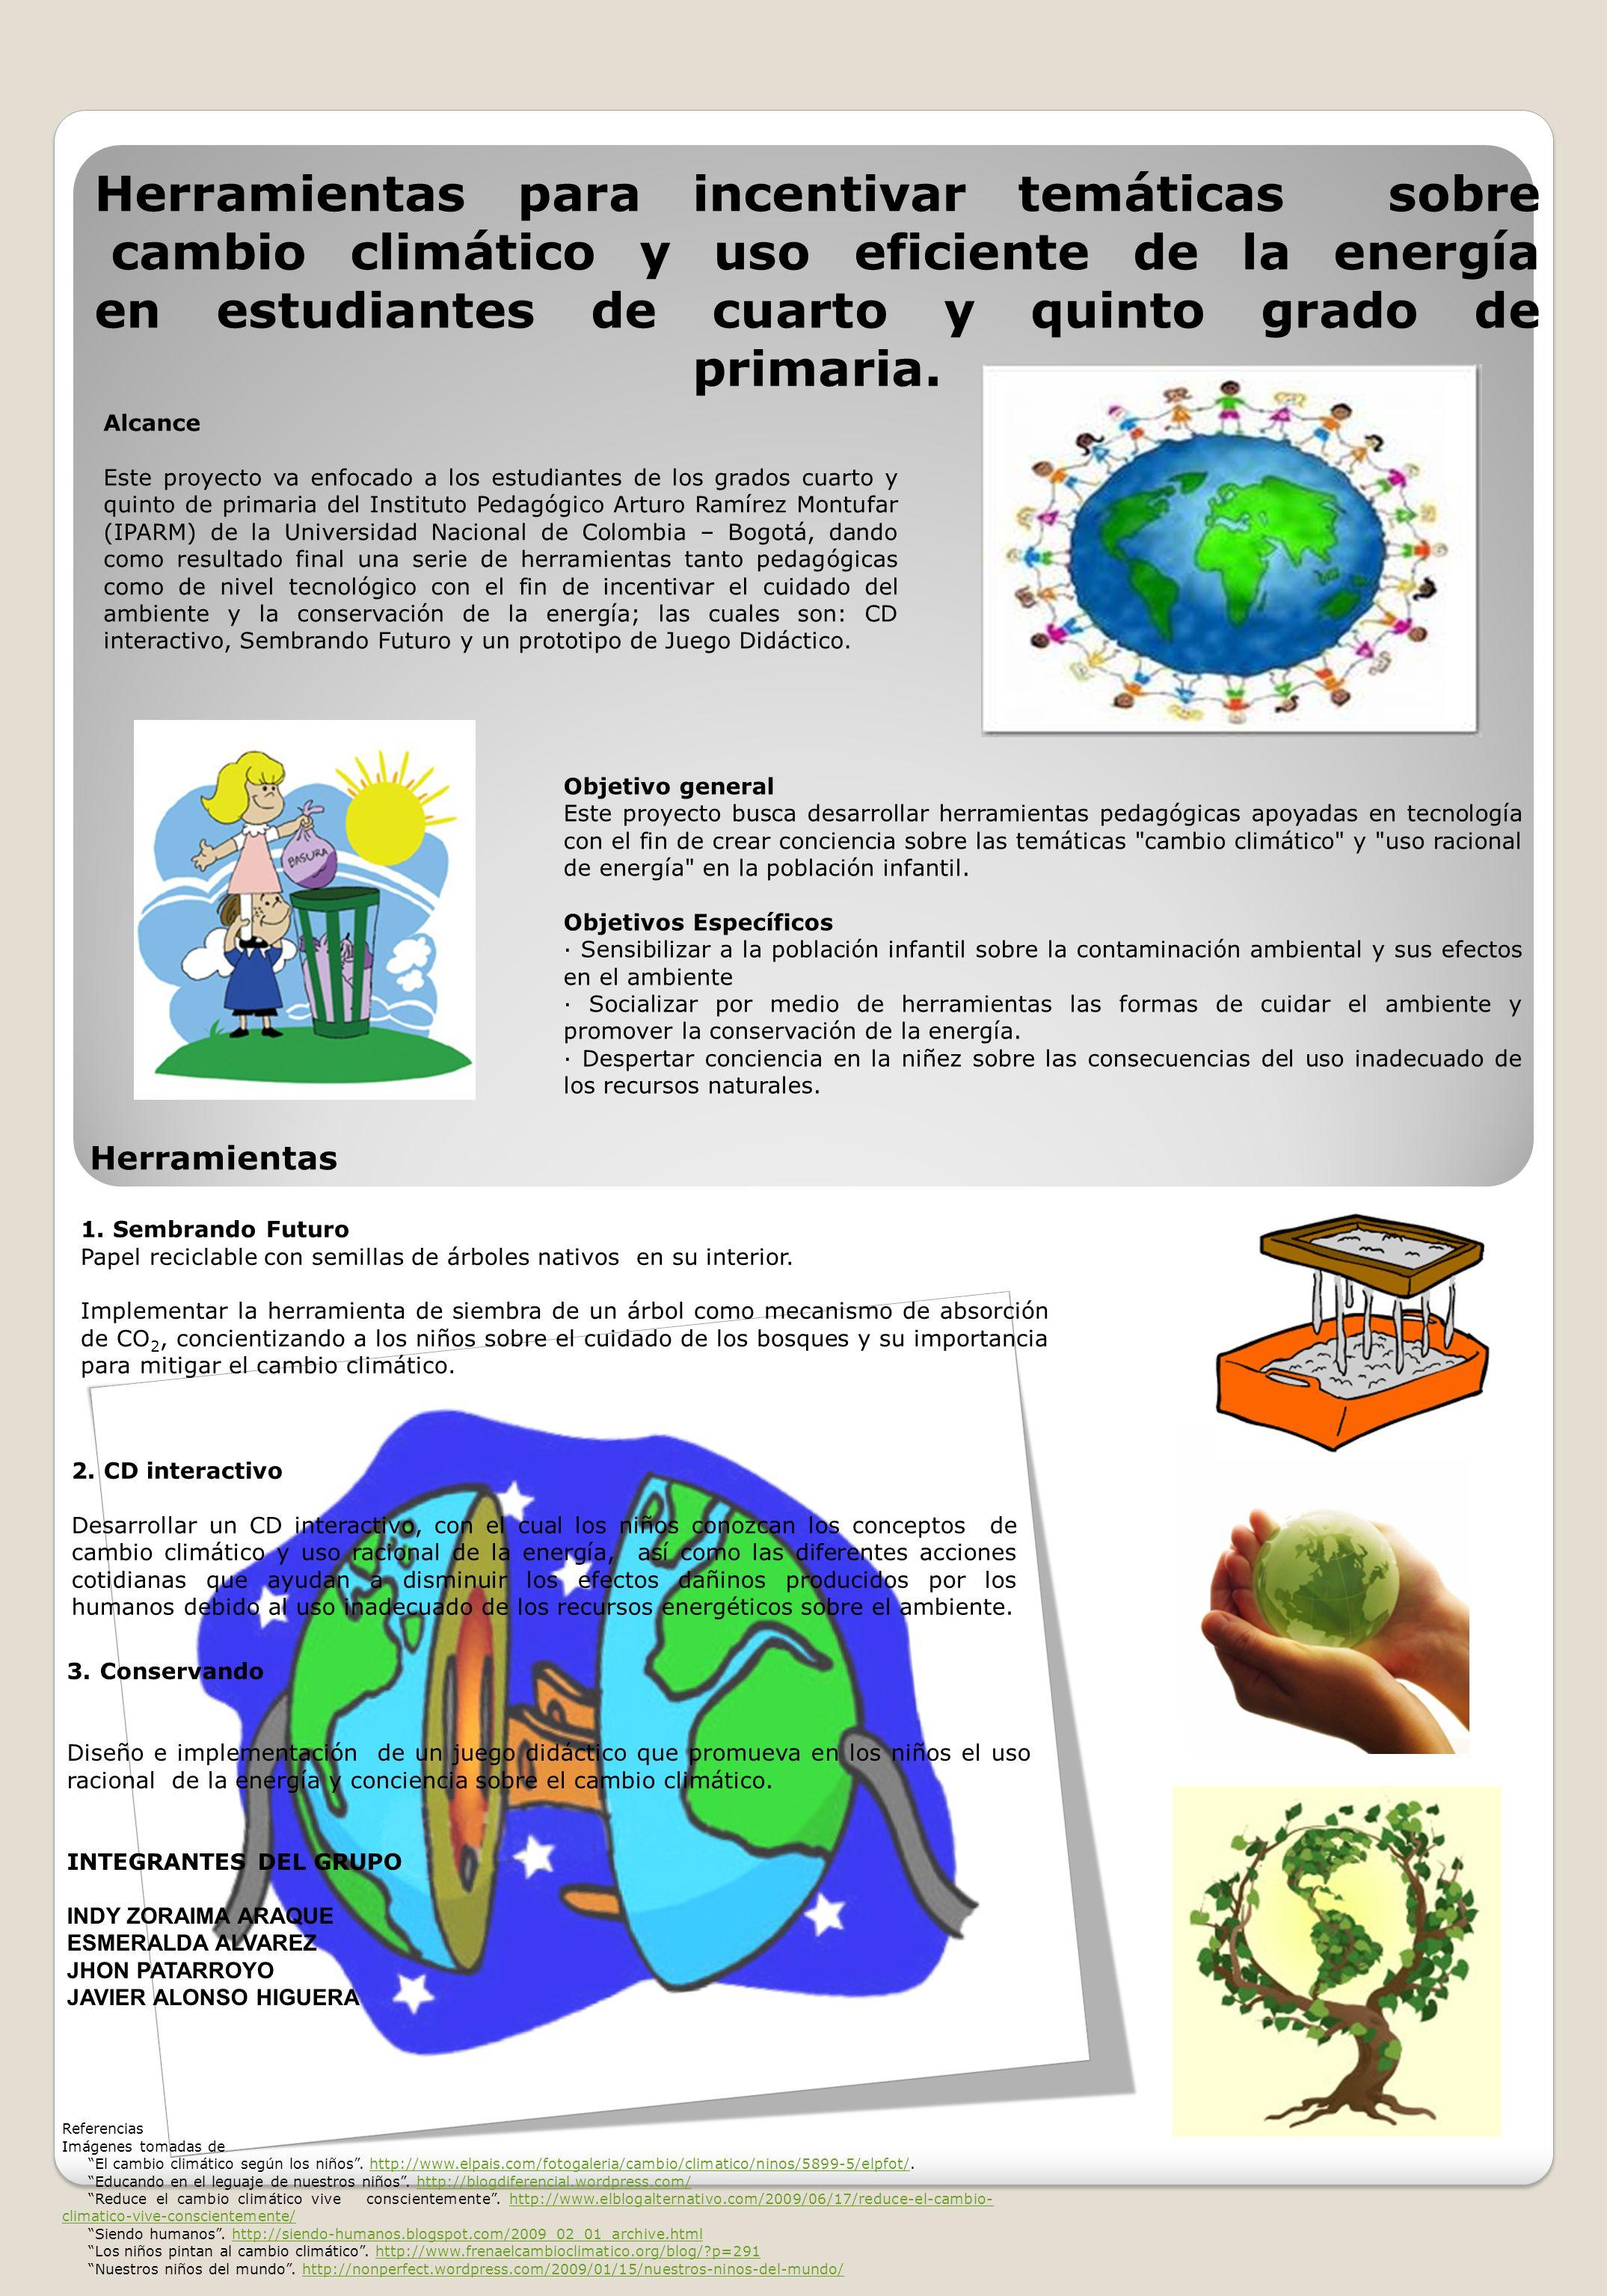 Herramientas para incentivar temáticas sobre cambio climático y uso eficiente de la energía en estudiantes de cuarto y quinto grado de primaria. Alcan